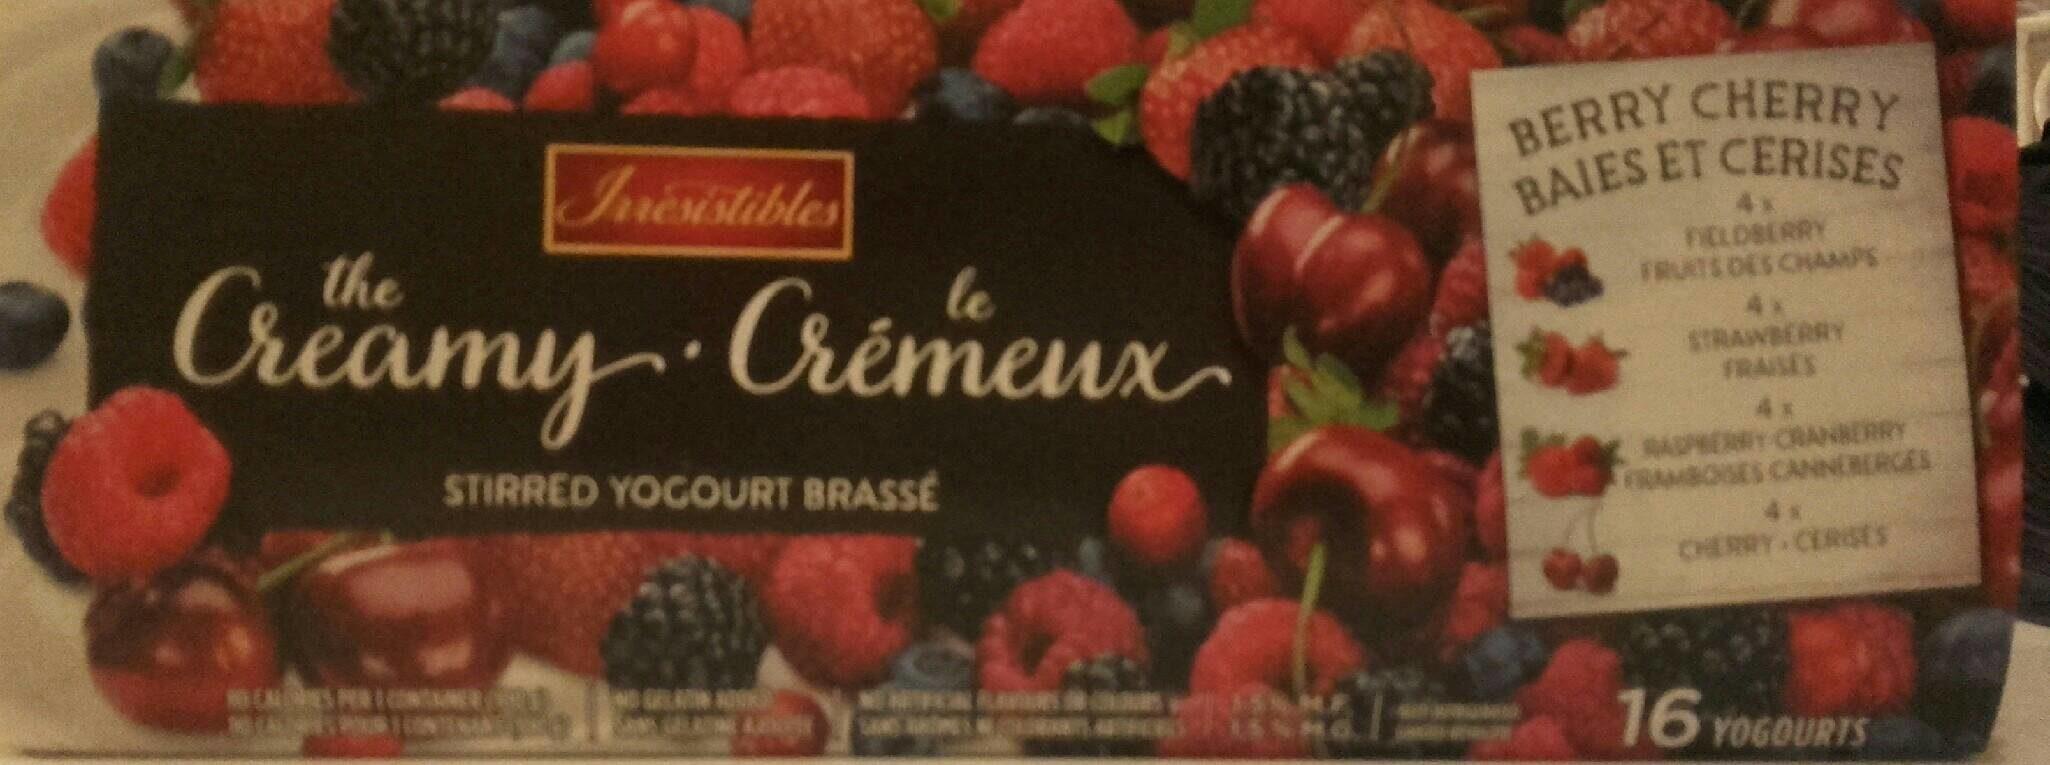 Le Crémeux Yogourt brassé - Product